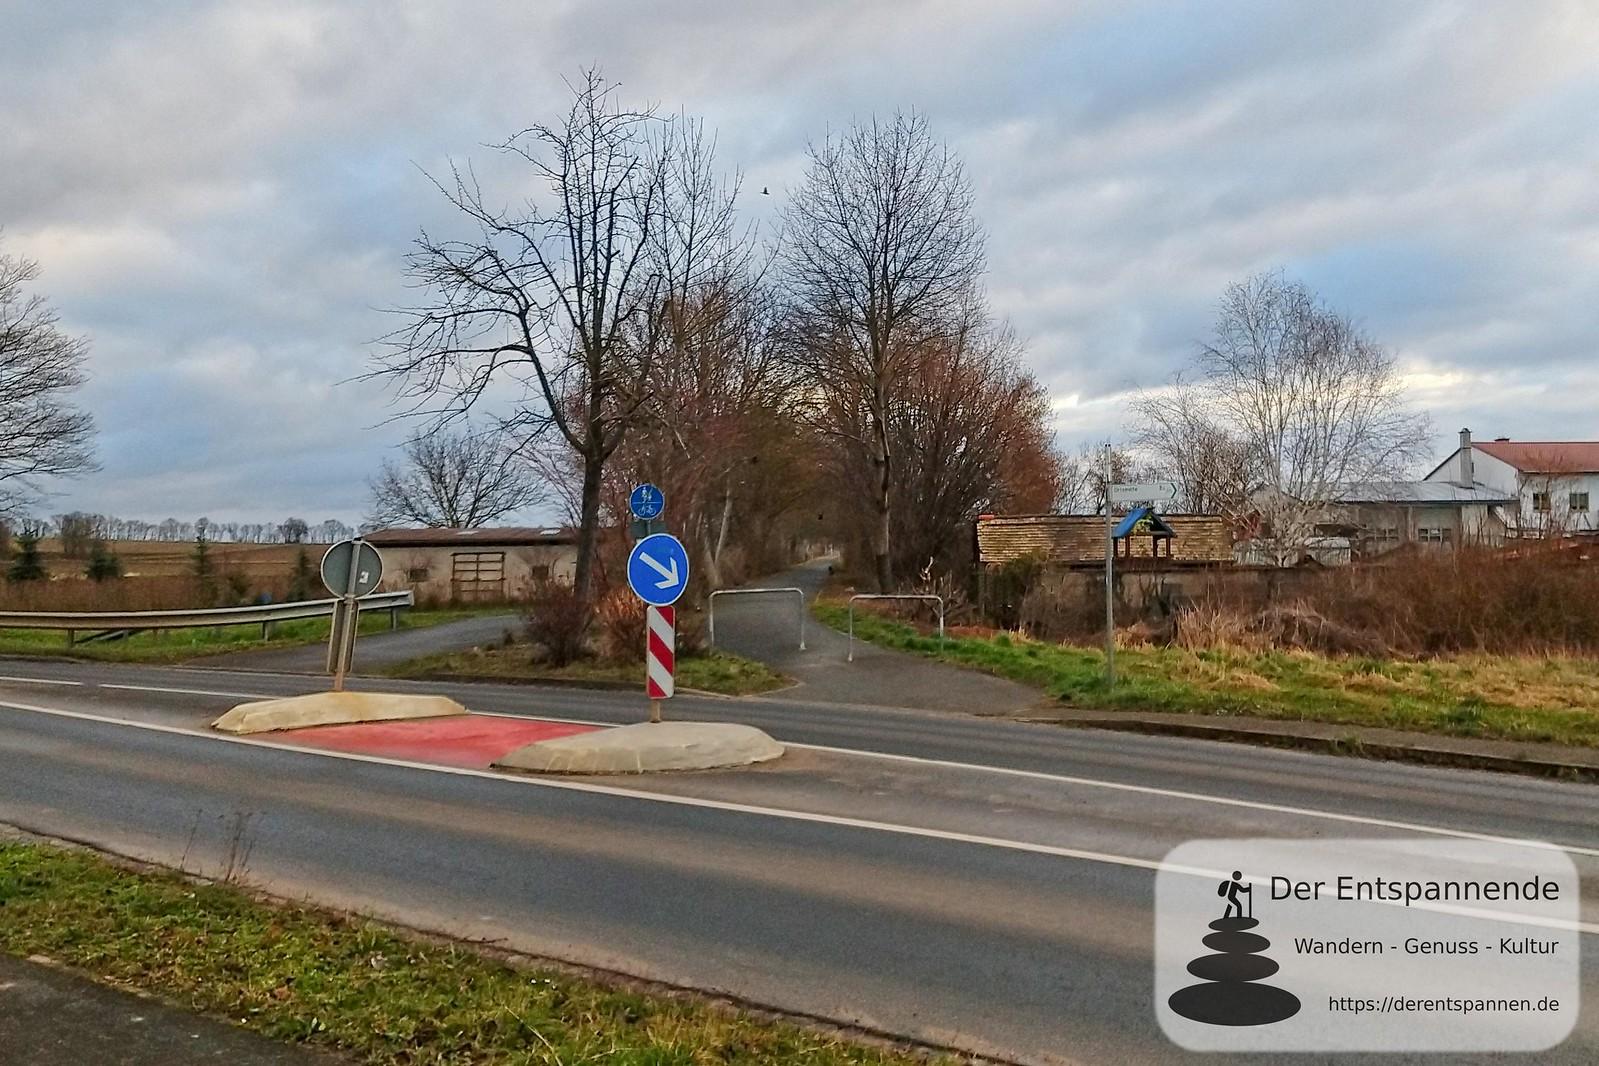 Übergang über L 425 in Selzen zum Radweg, ehemalige Bahnstrecke Alzey-Bodenheim (Amiche)